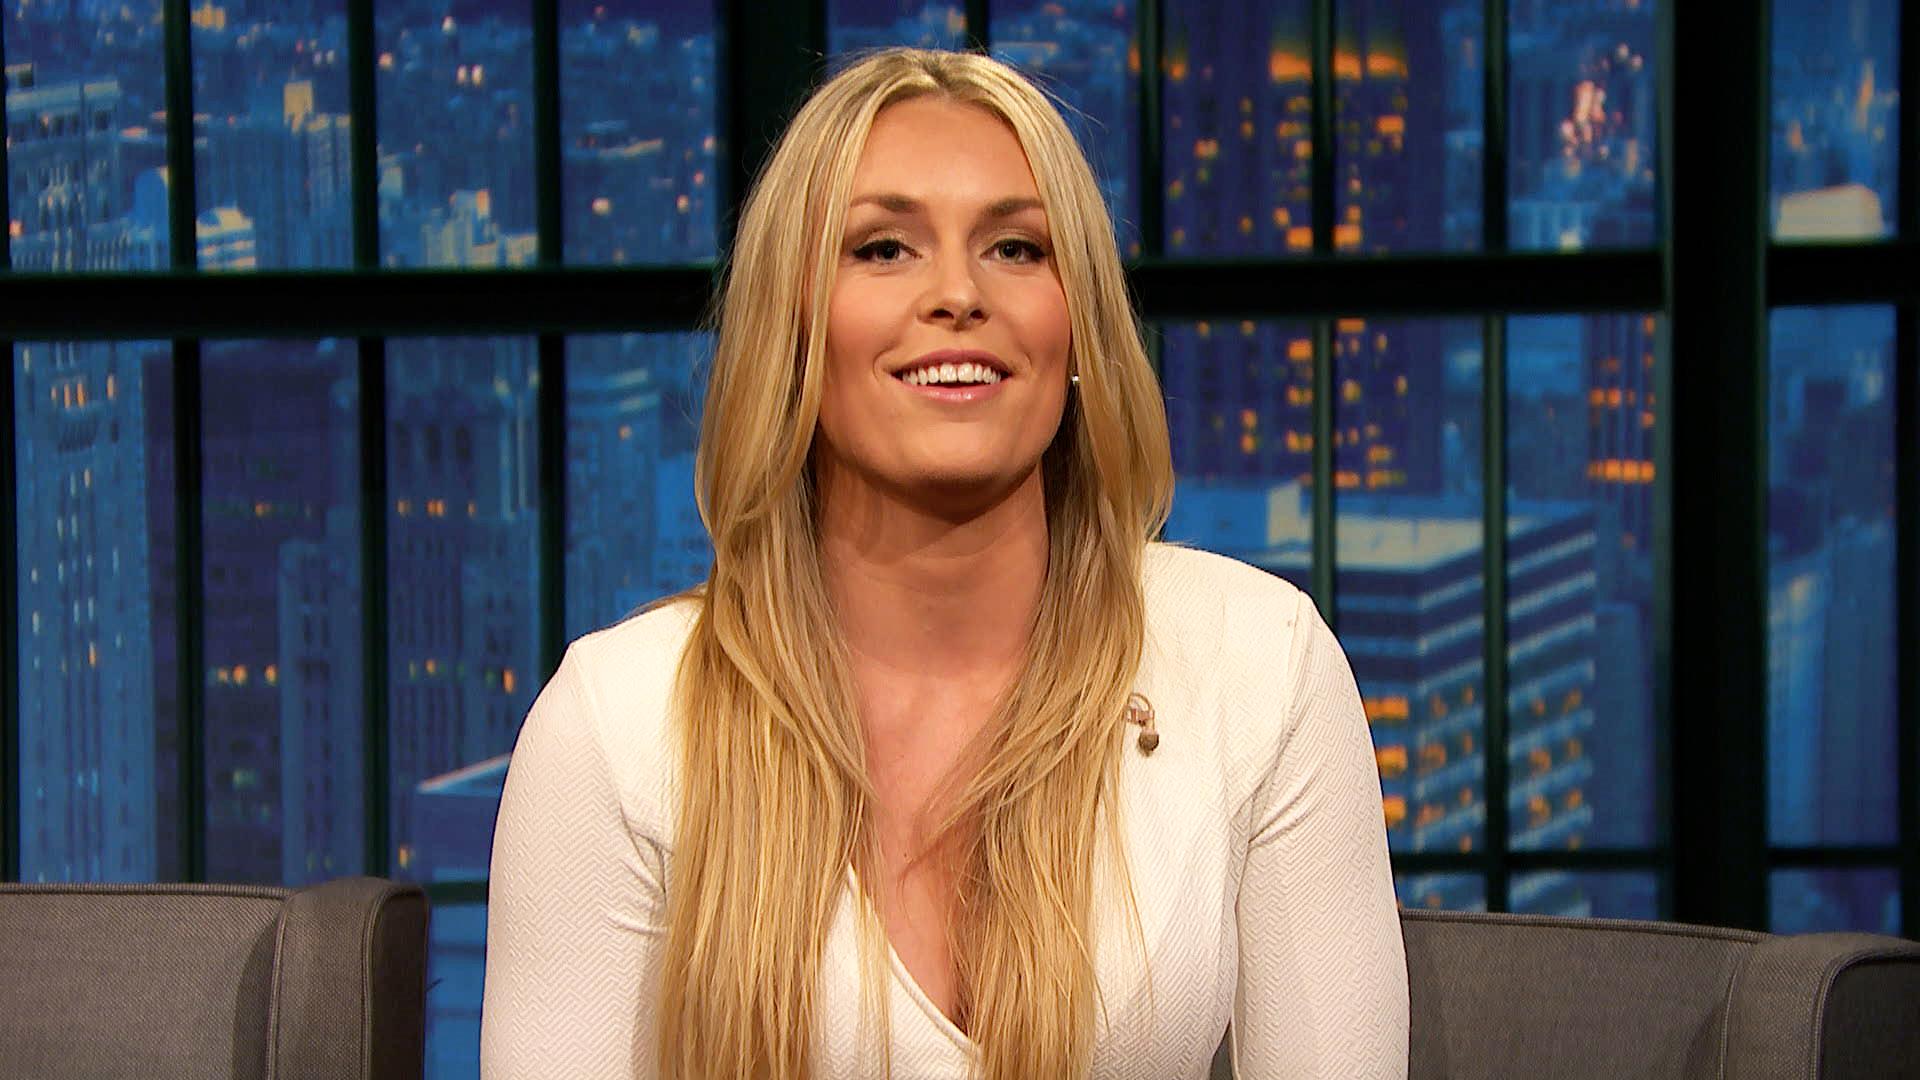 Lindsey vonn dating in 2019